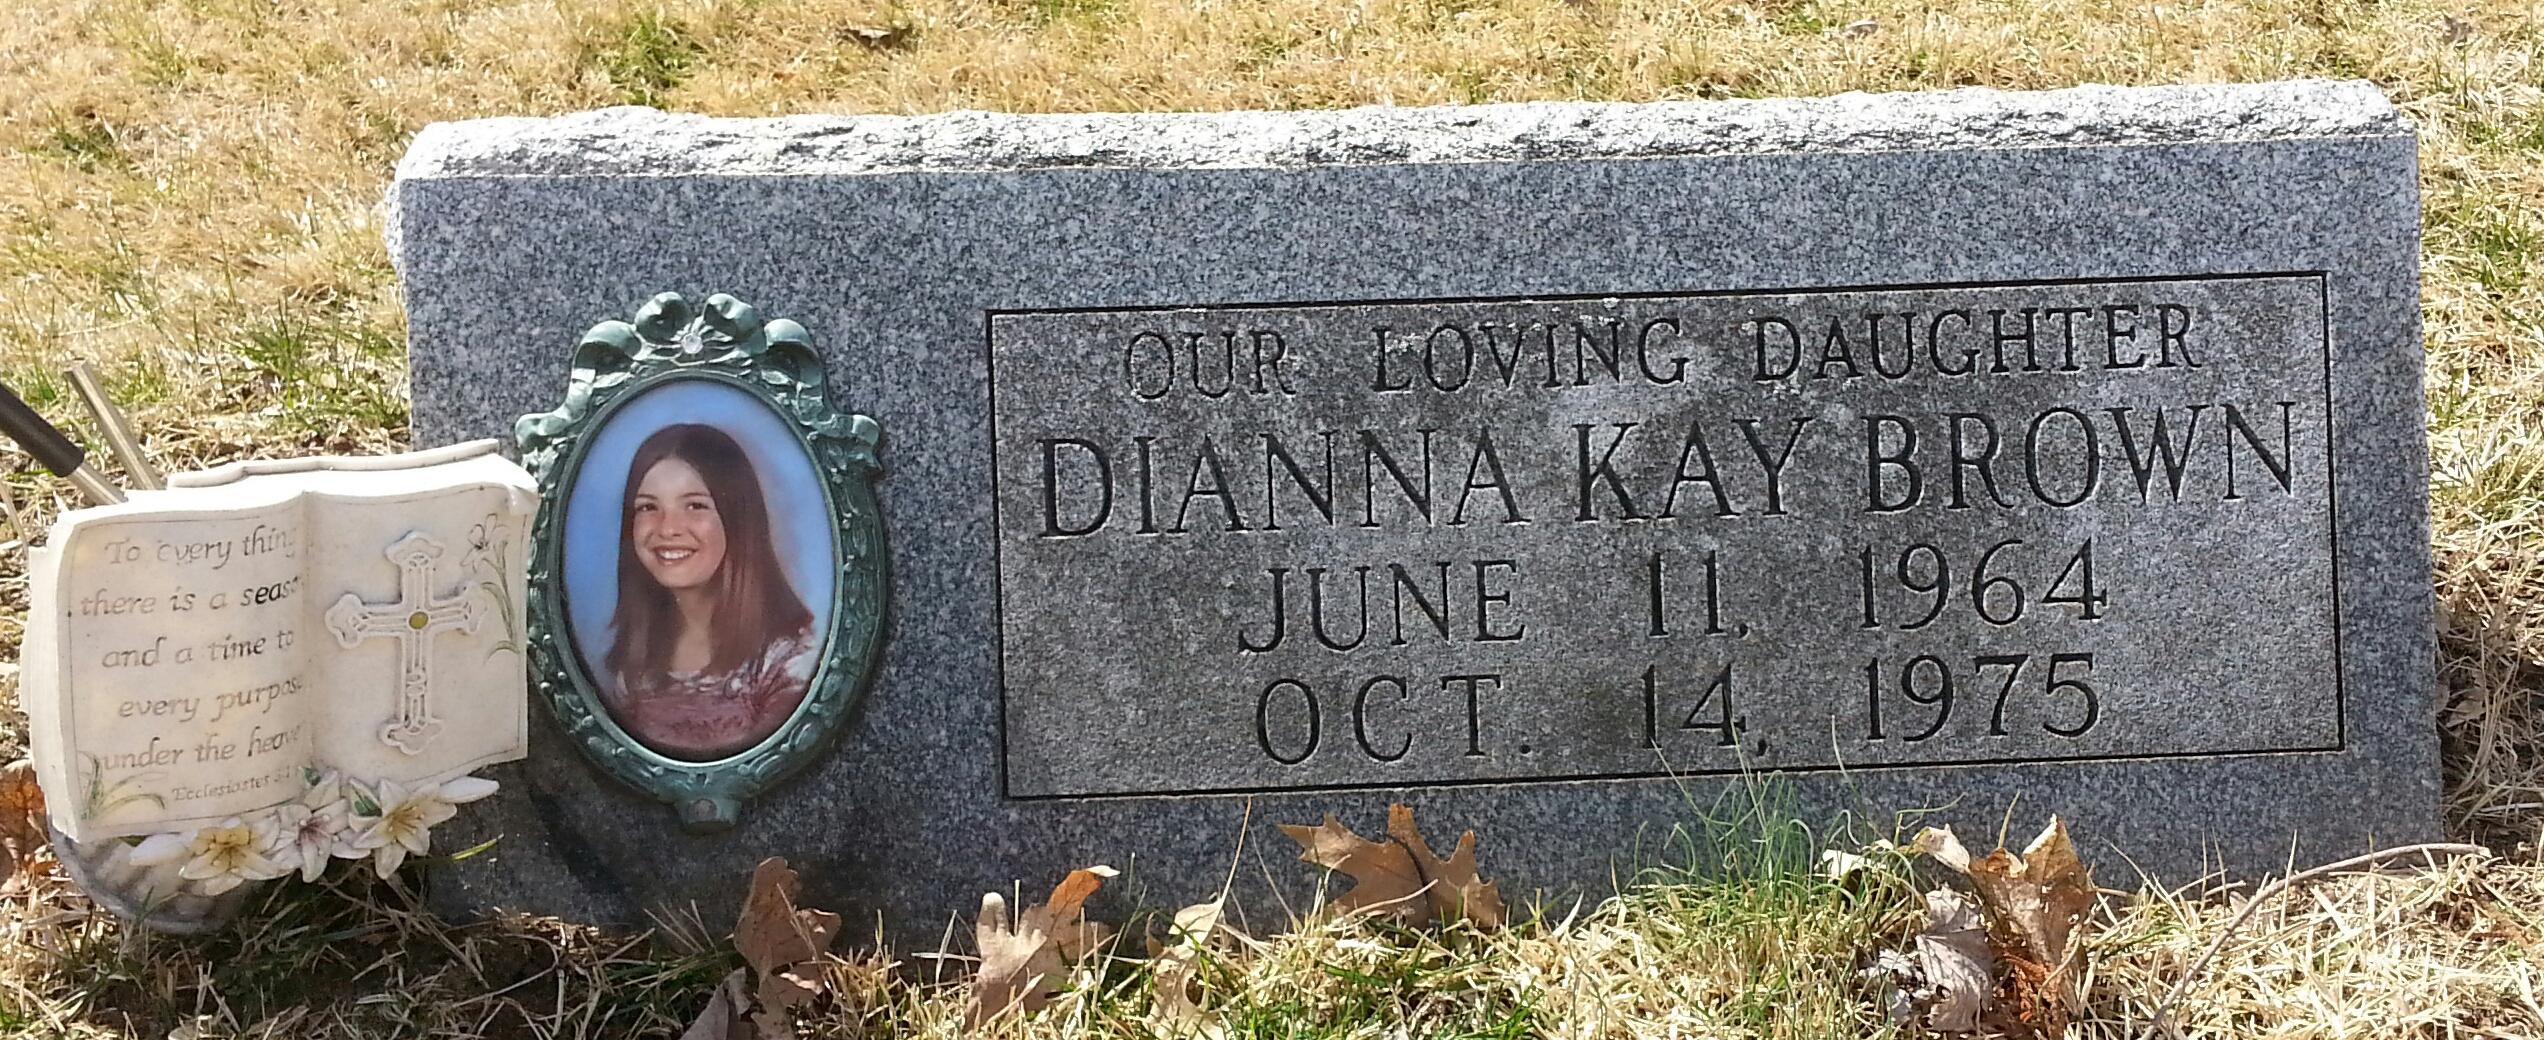 Dianna Kay Brown